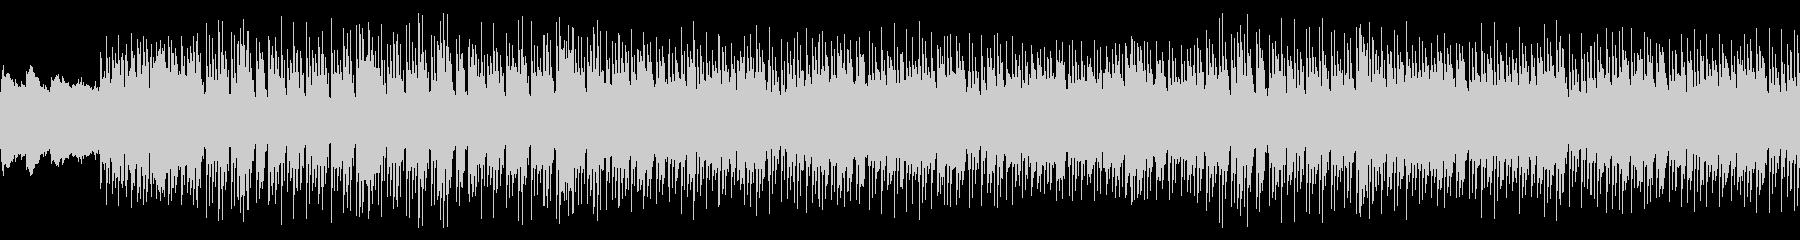 シンセの旋律が軽やかなテクノポップの未再生の波形